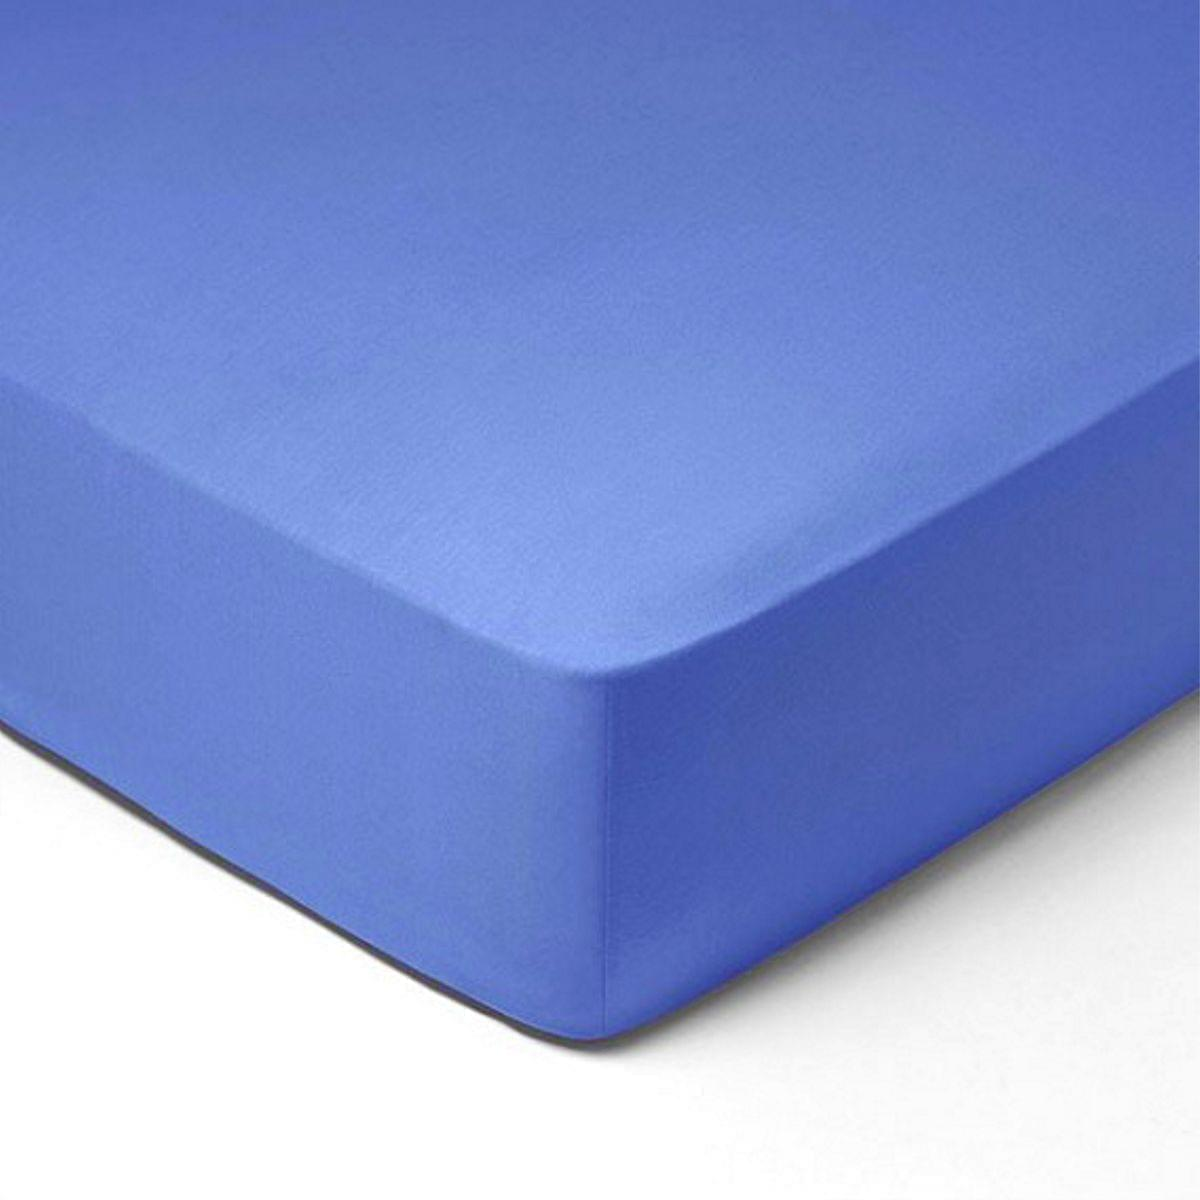 Forbyt, Prostěradlo, Jersey, světle modrá 160 x 200 cm